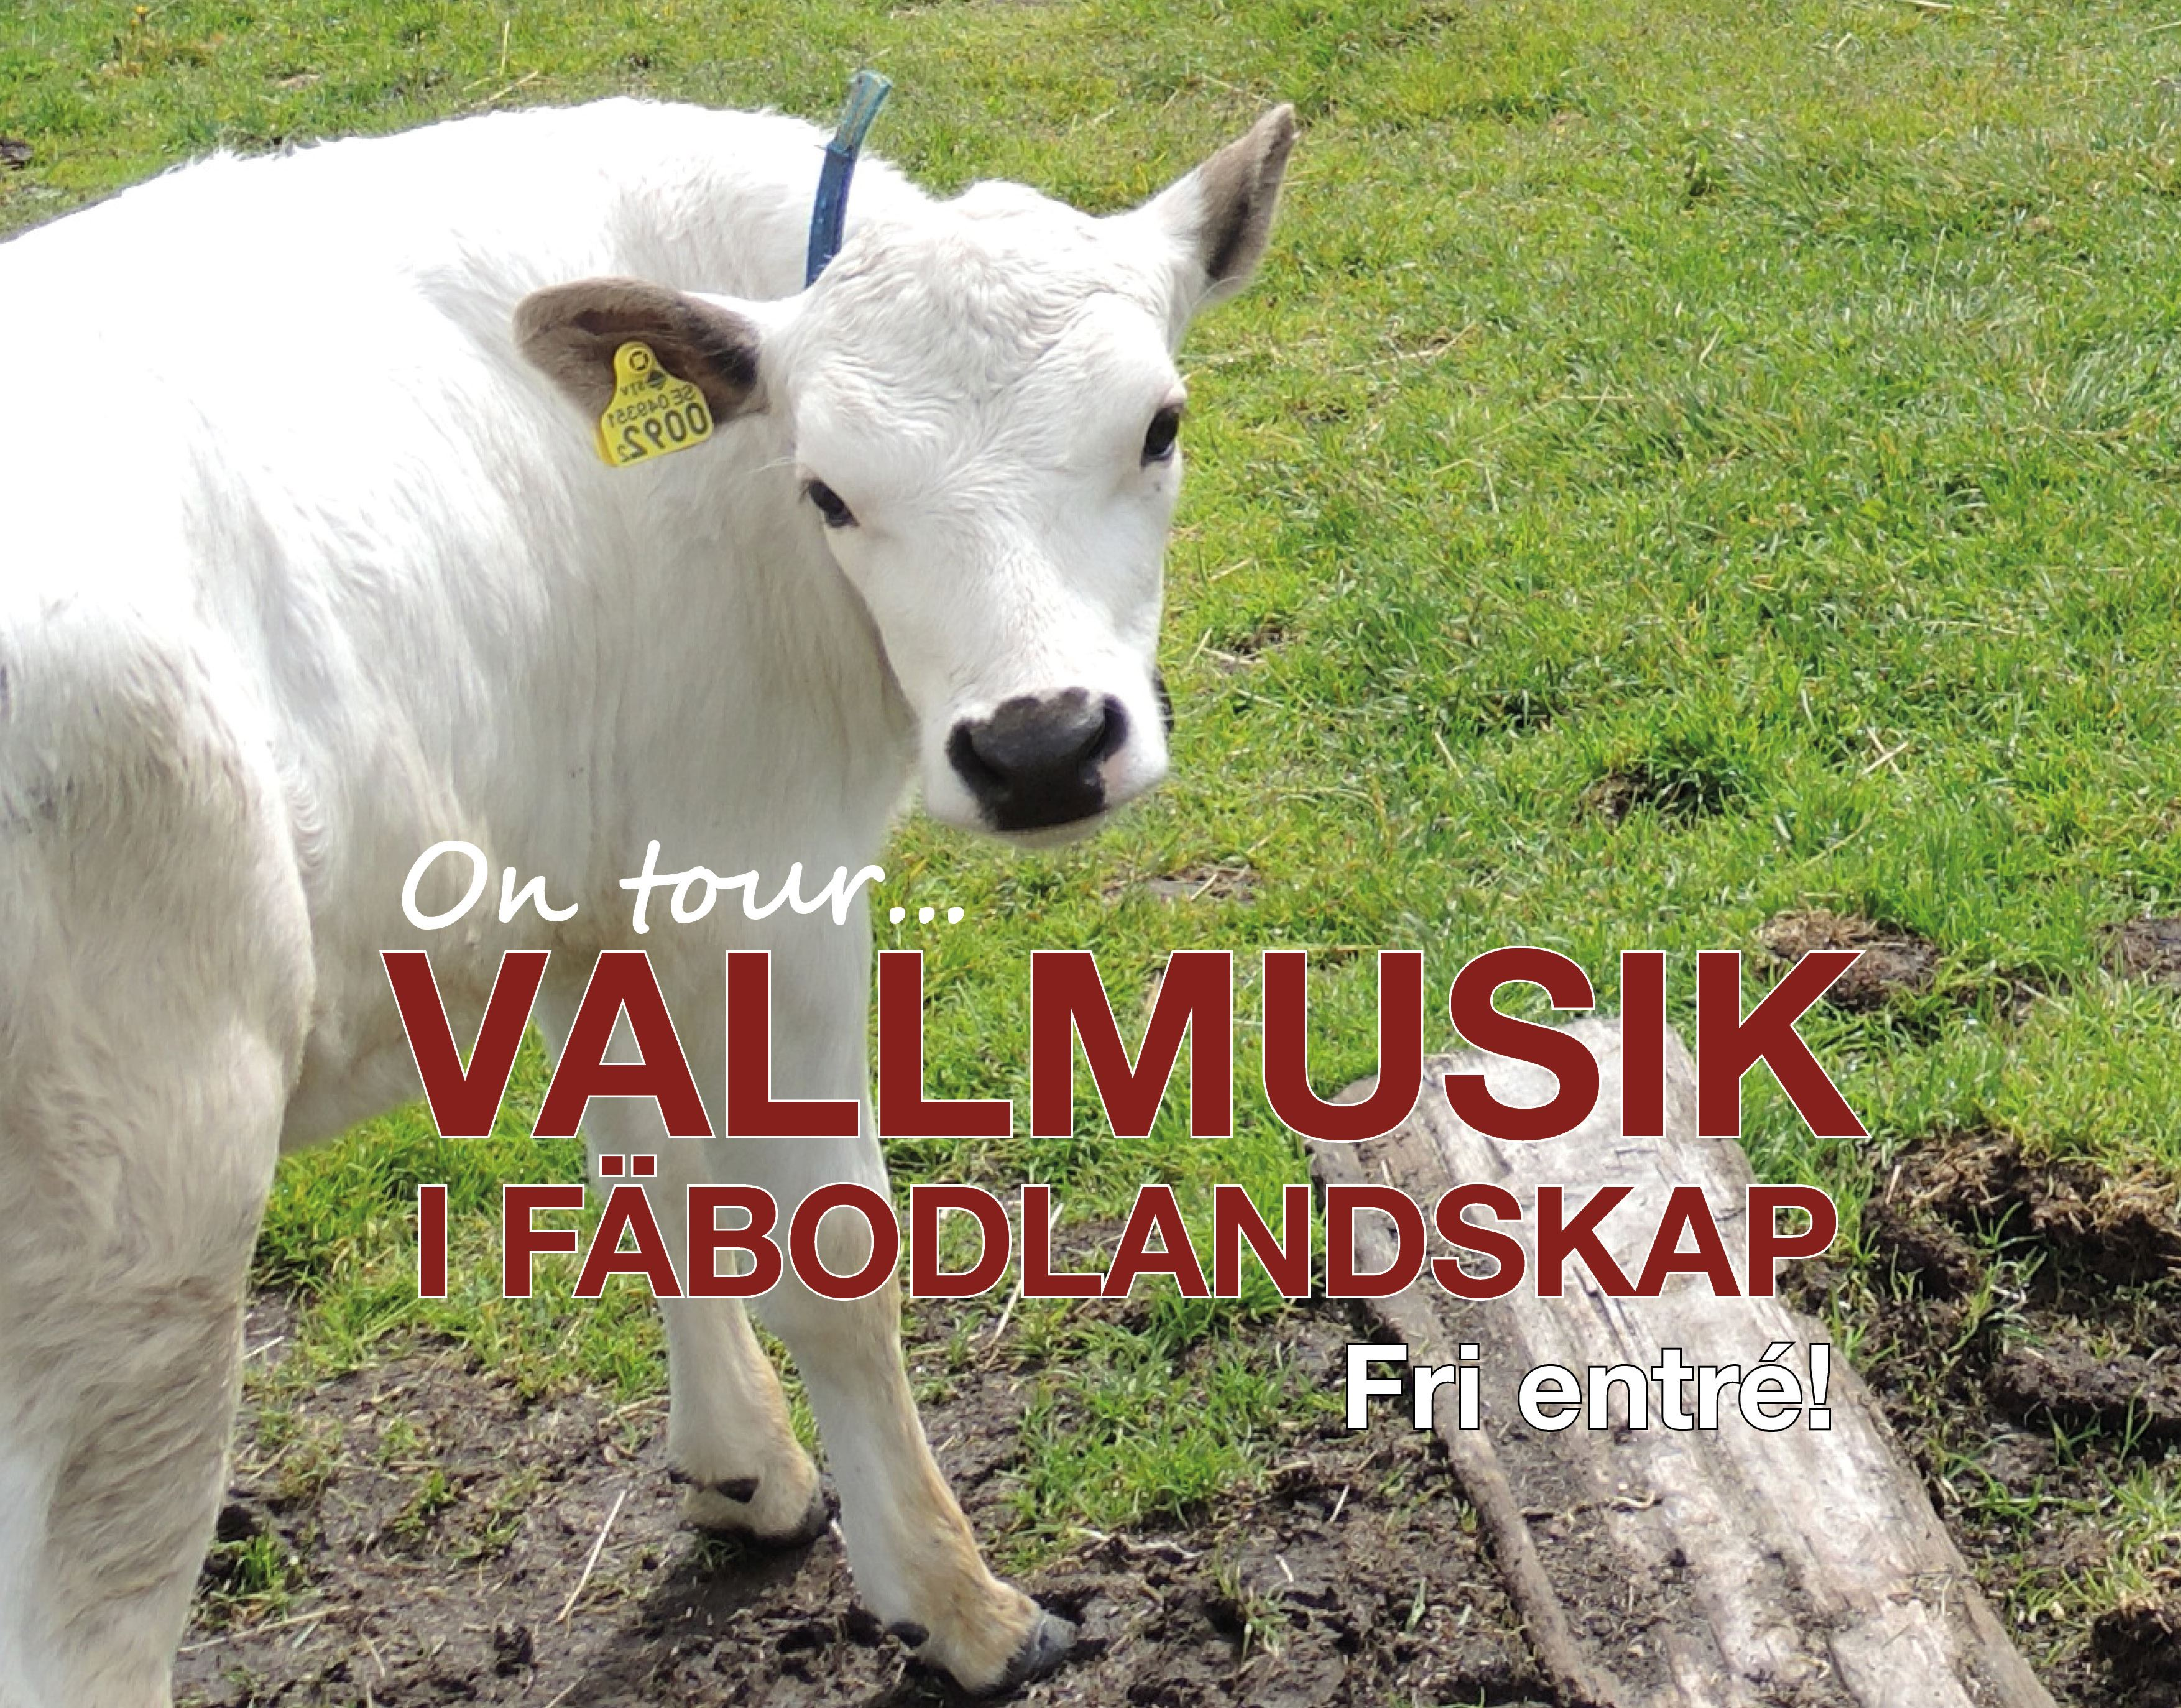 Vallmusik i Fäbolandskap - Skallskog, Leksand